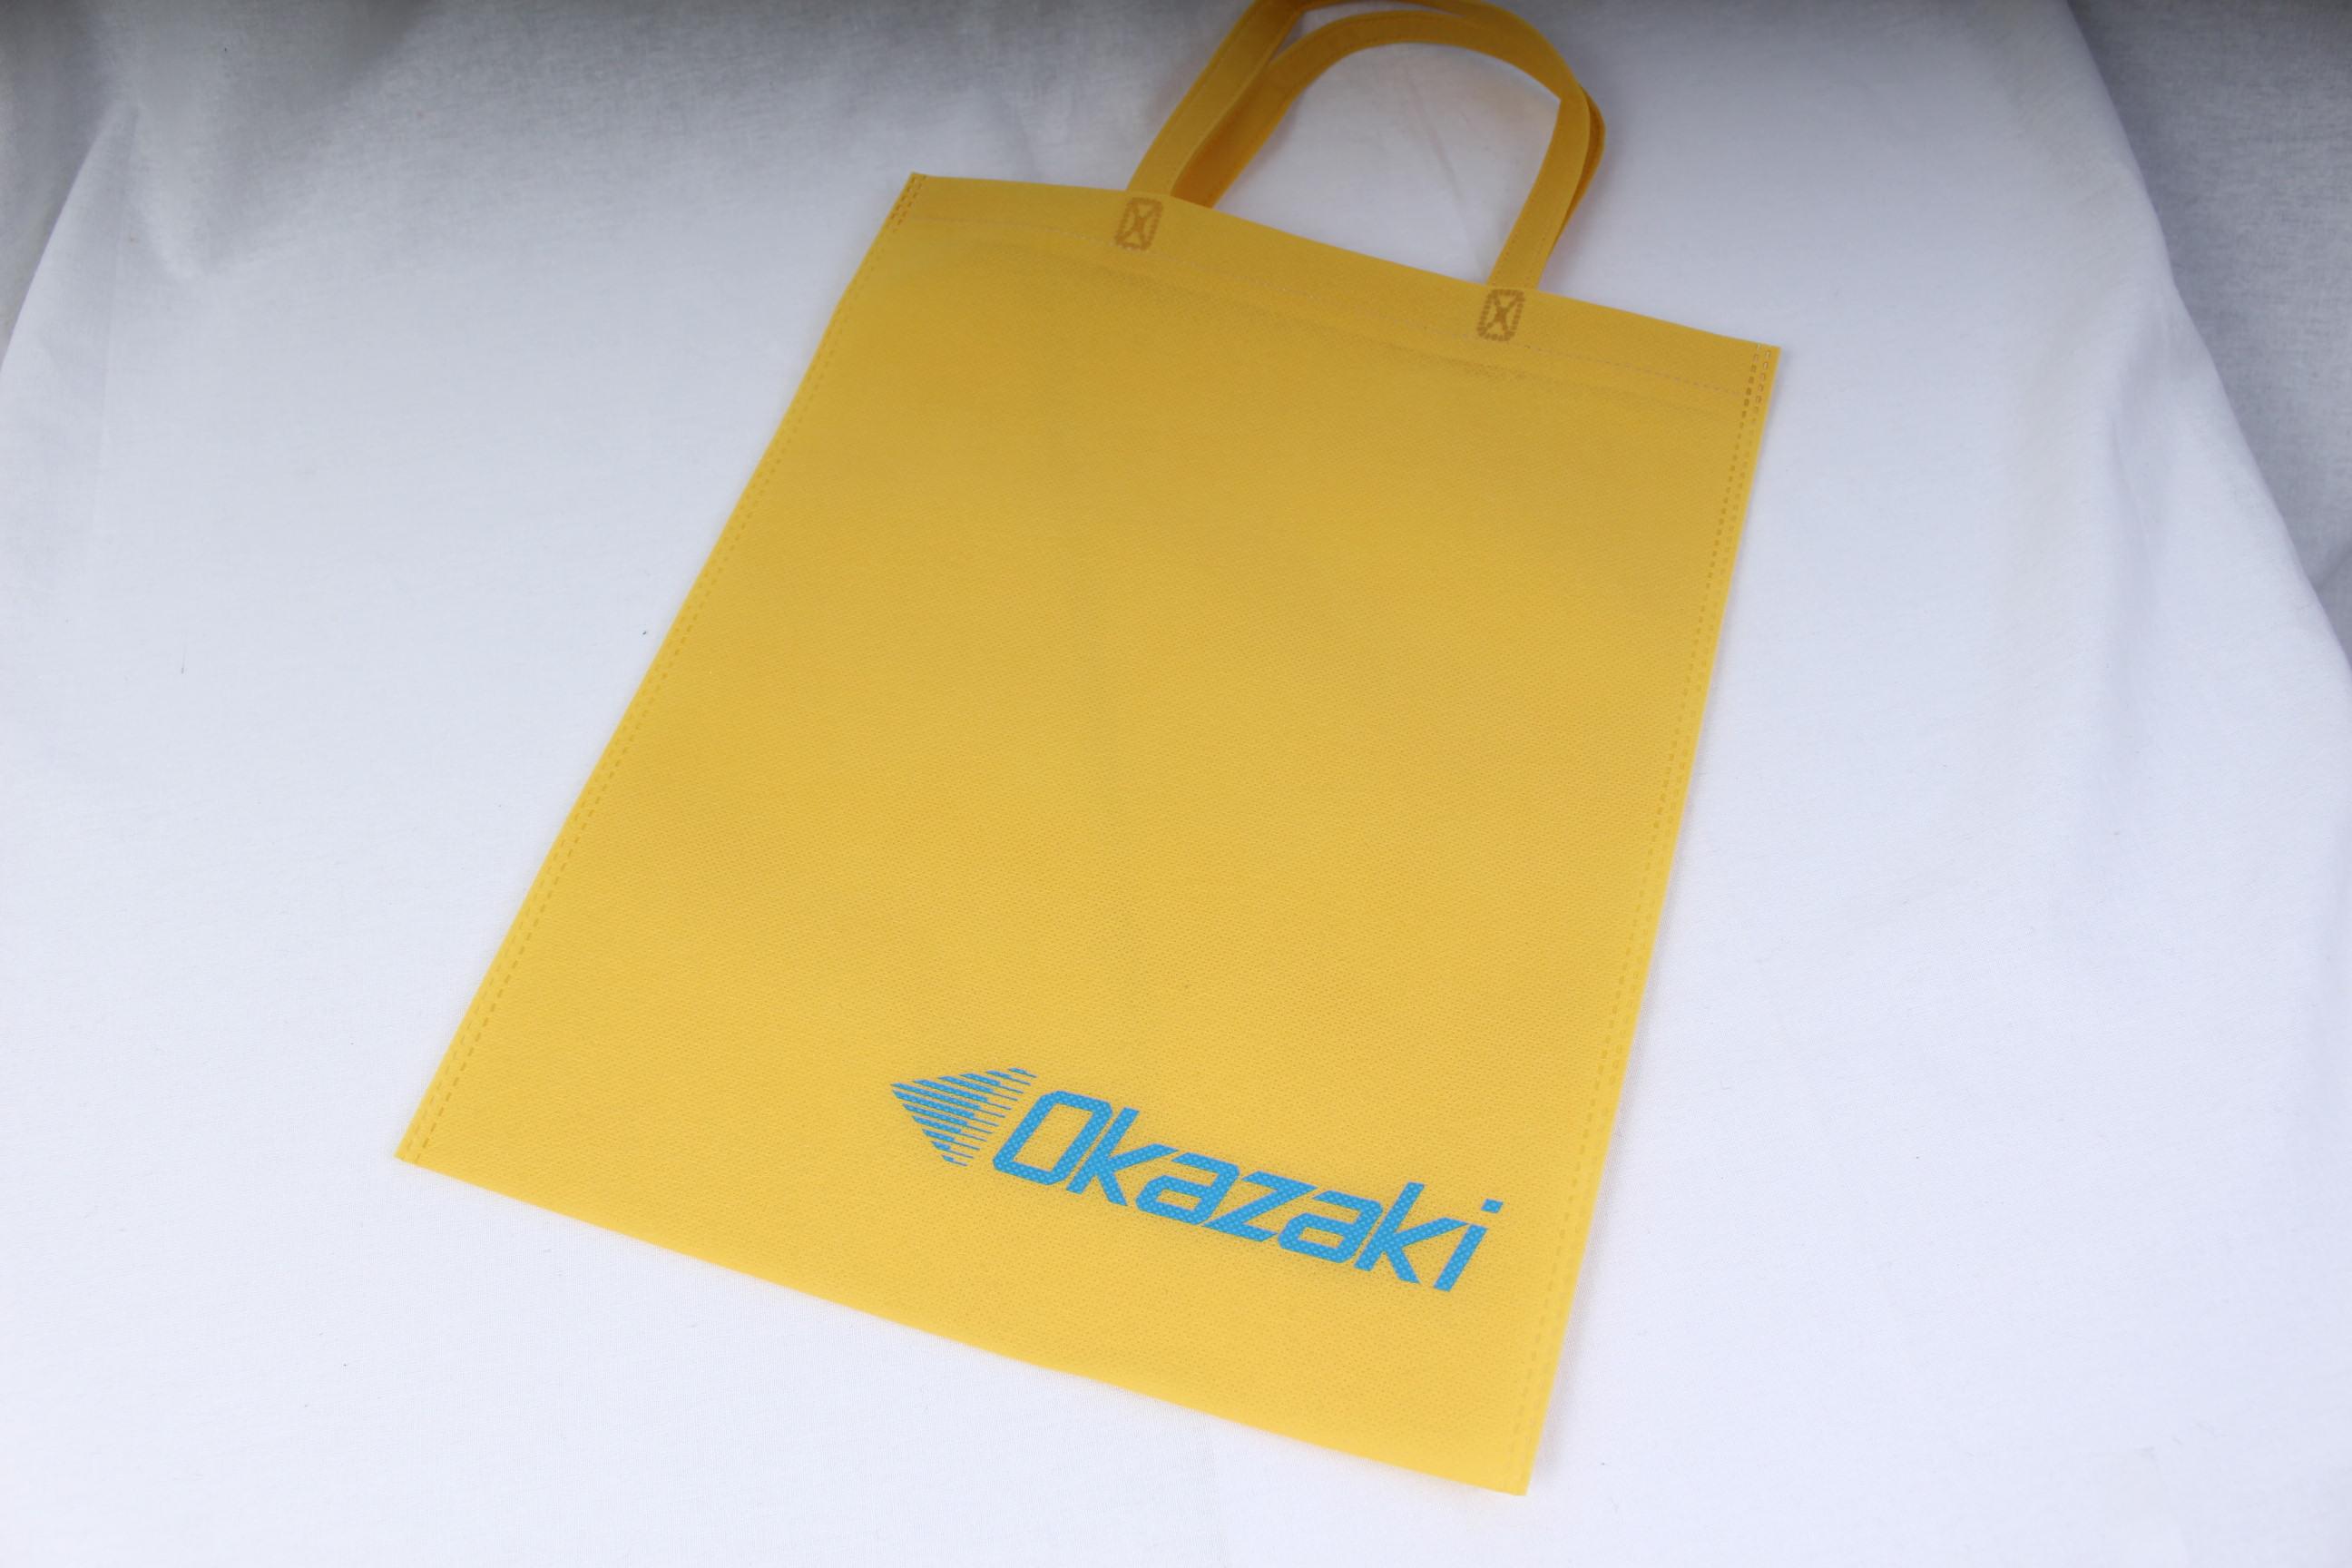 切削、研削工具を製造販売しているメーカー様のオリジナル不織布バッグ